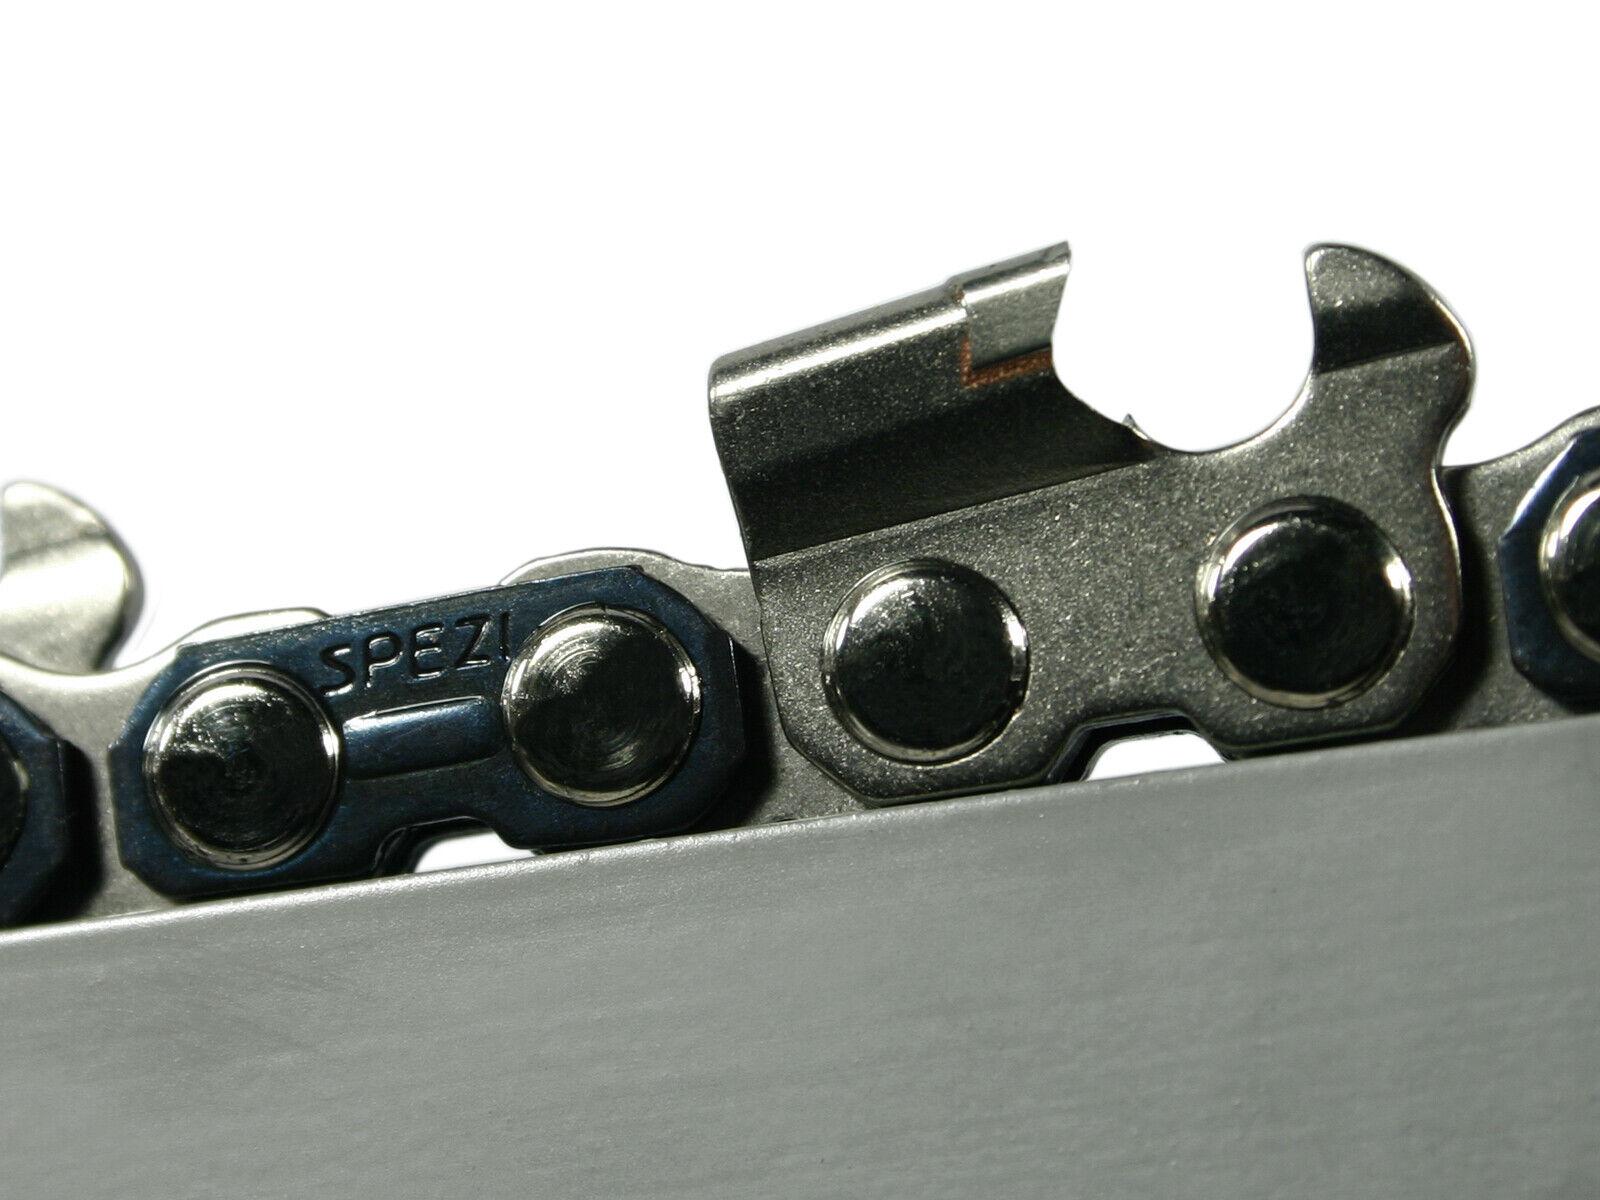 Hartmetall Sägekette passend für Husqvarna 380 60 cm 3 8  84 TG 1,5 mm carbide